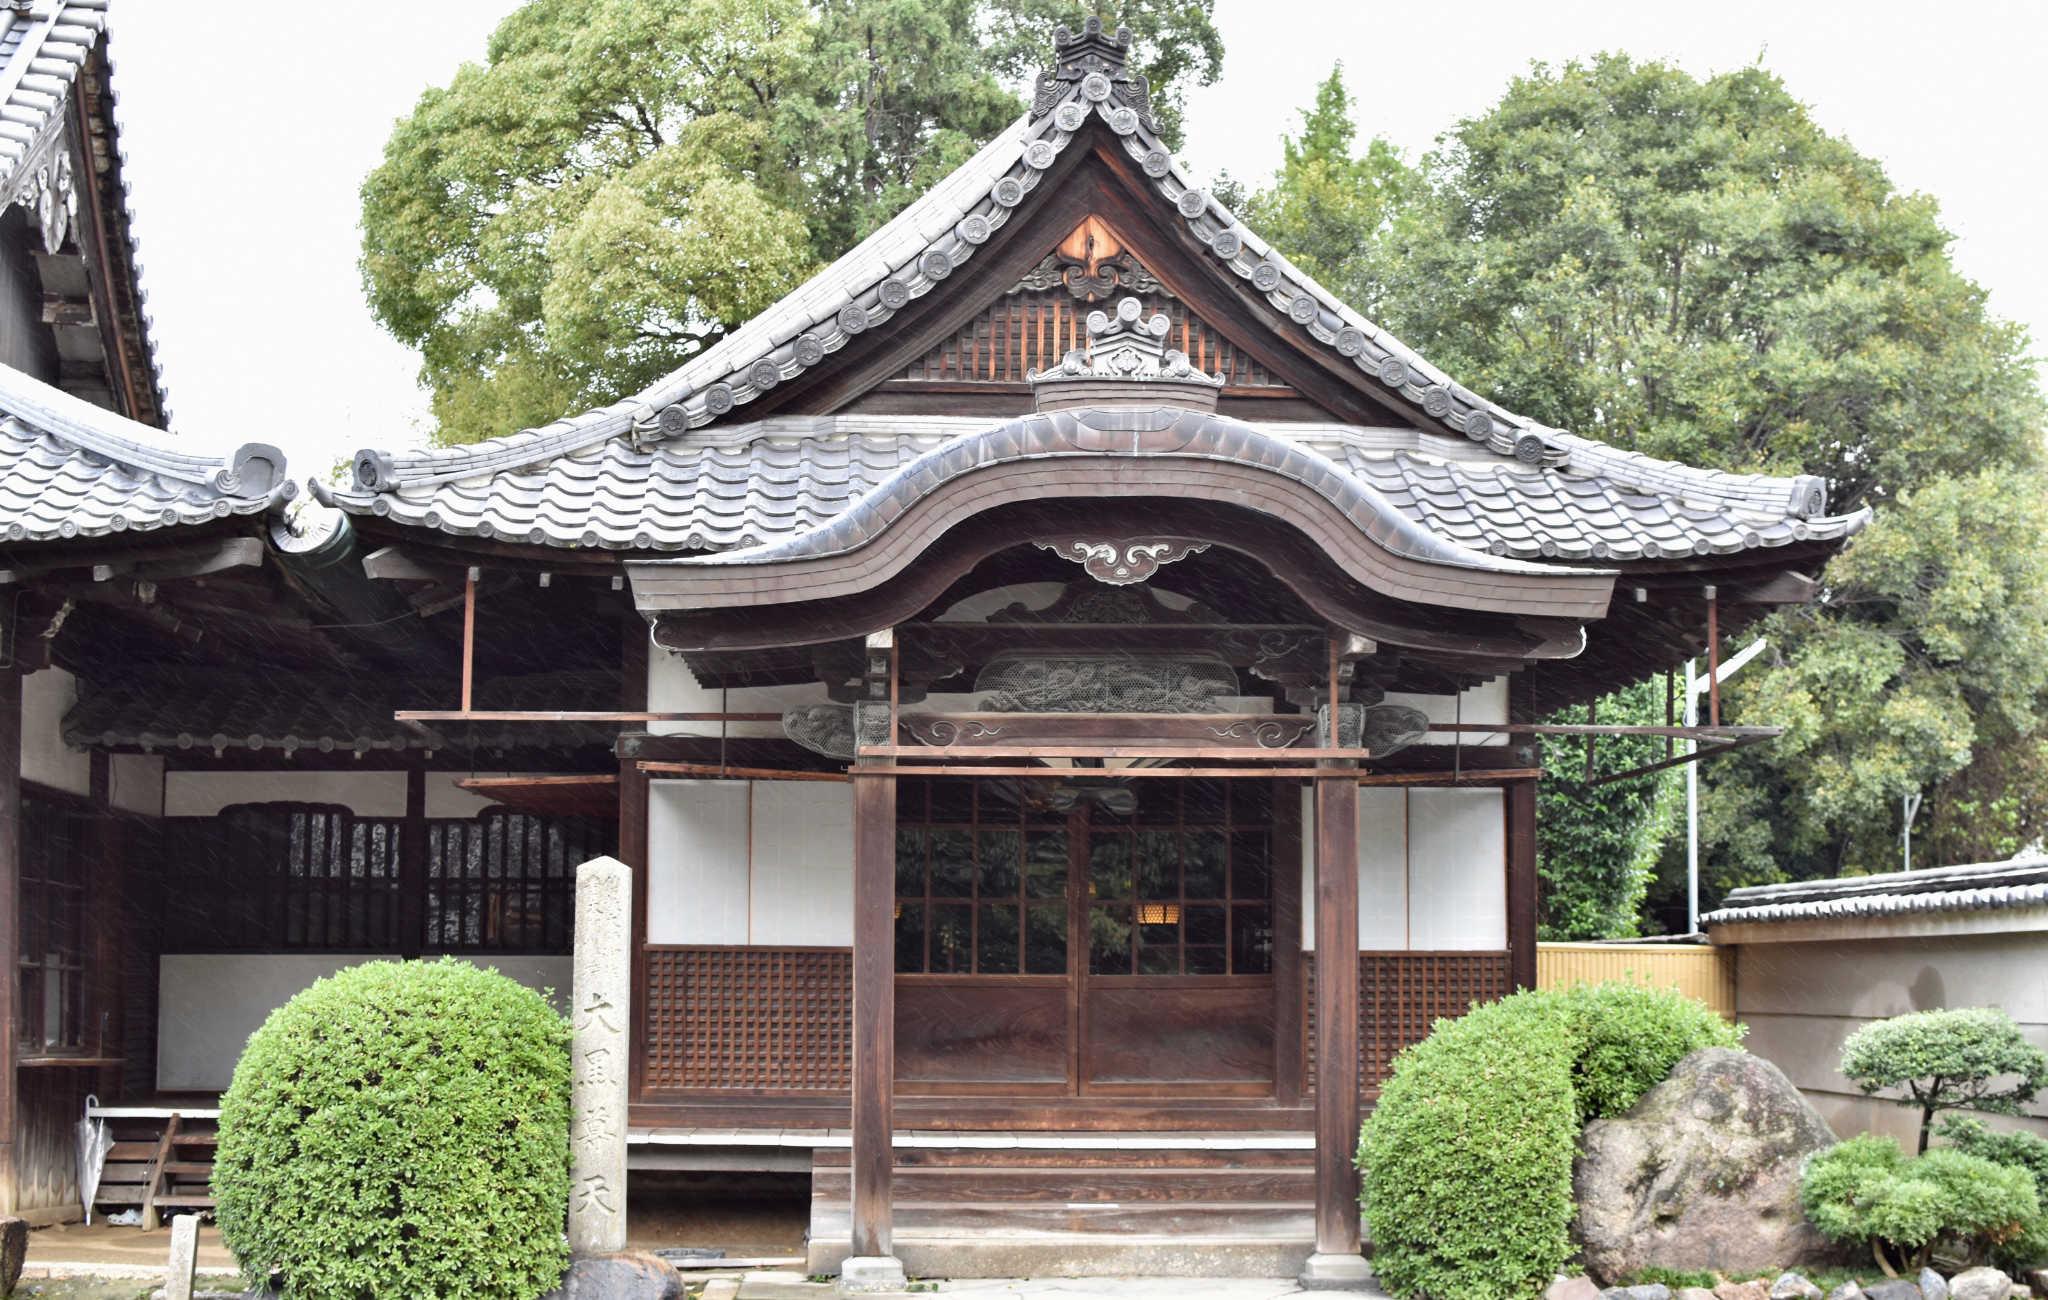 L'architecture est toujours très caractéristique des temples japonais